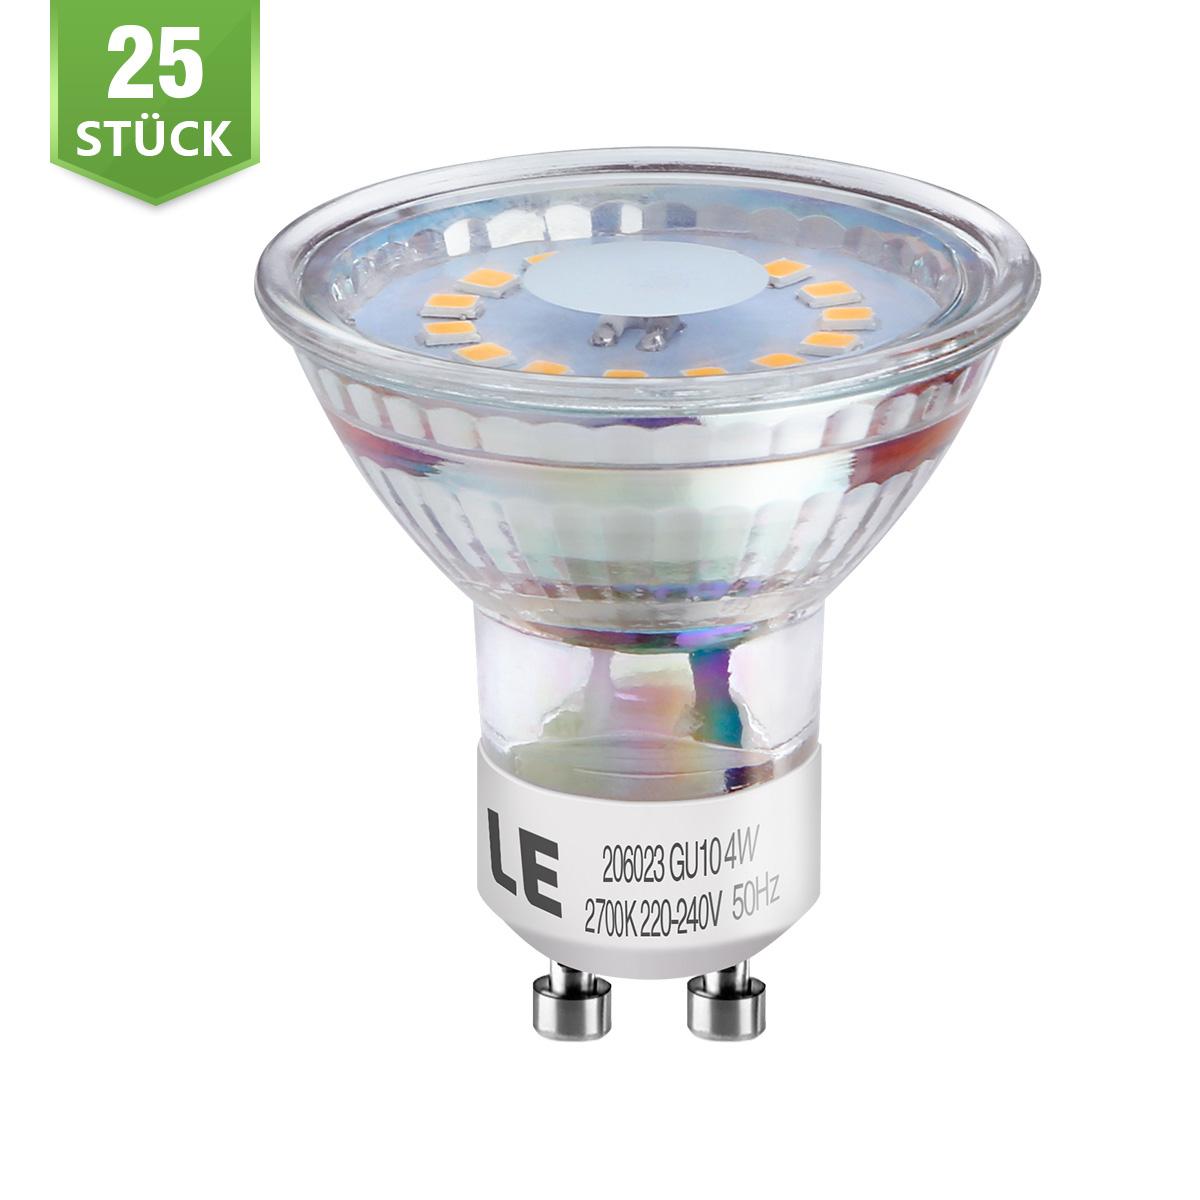 [Bündel] 3,5W GU10 MR16 LED Spot, 350lm Leuchtmittel, Ersatz für 50W Halogen, Warmweiß, 25er Set